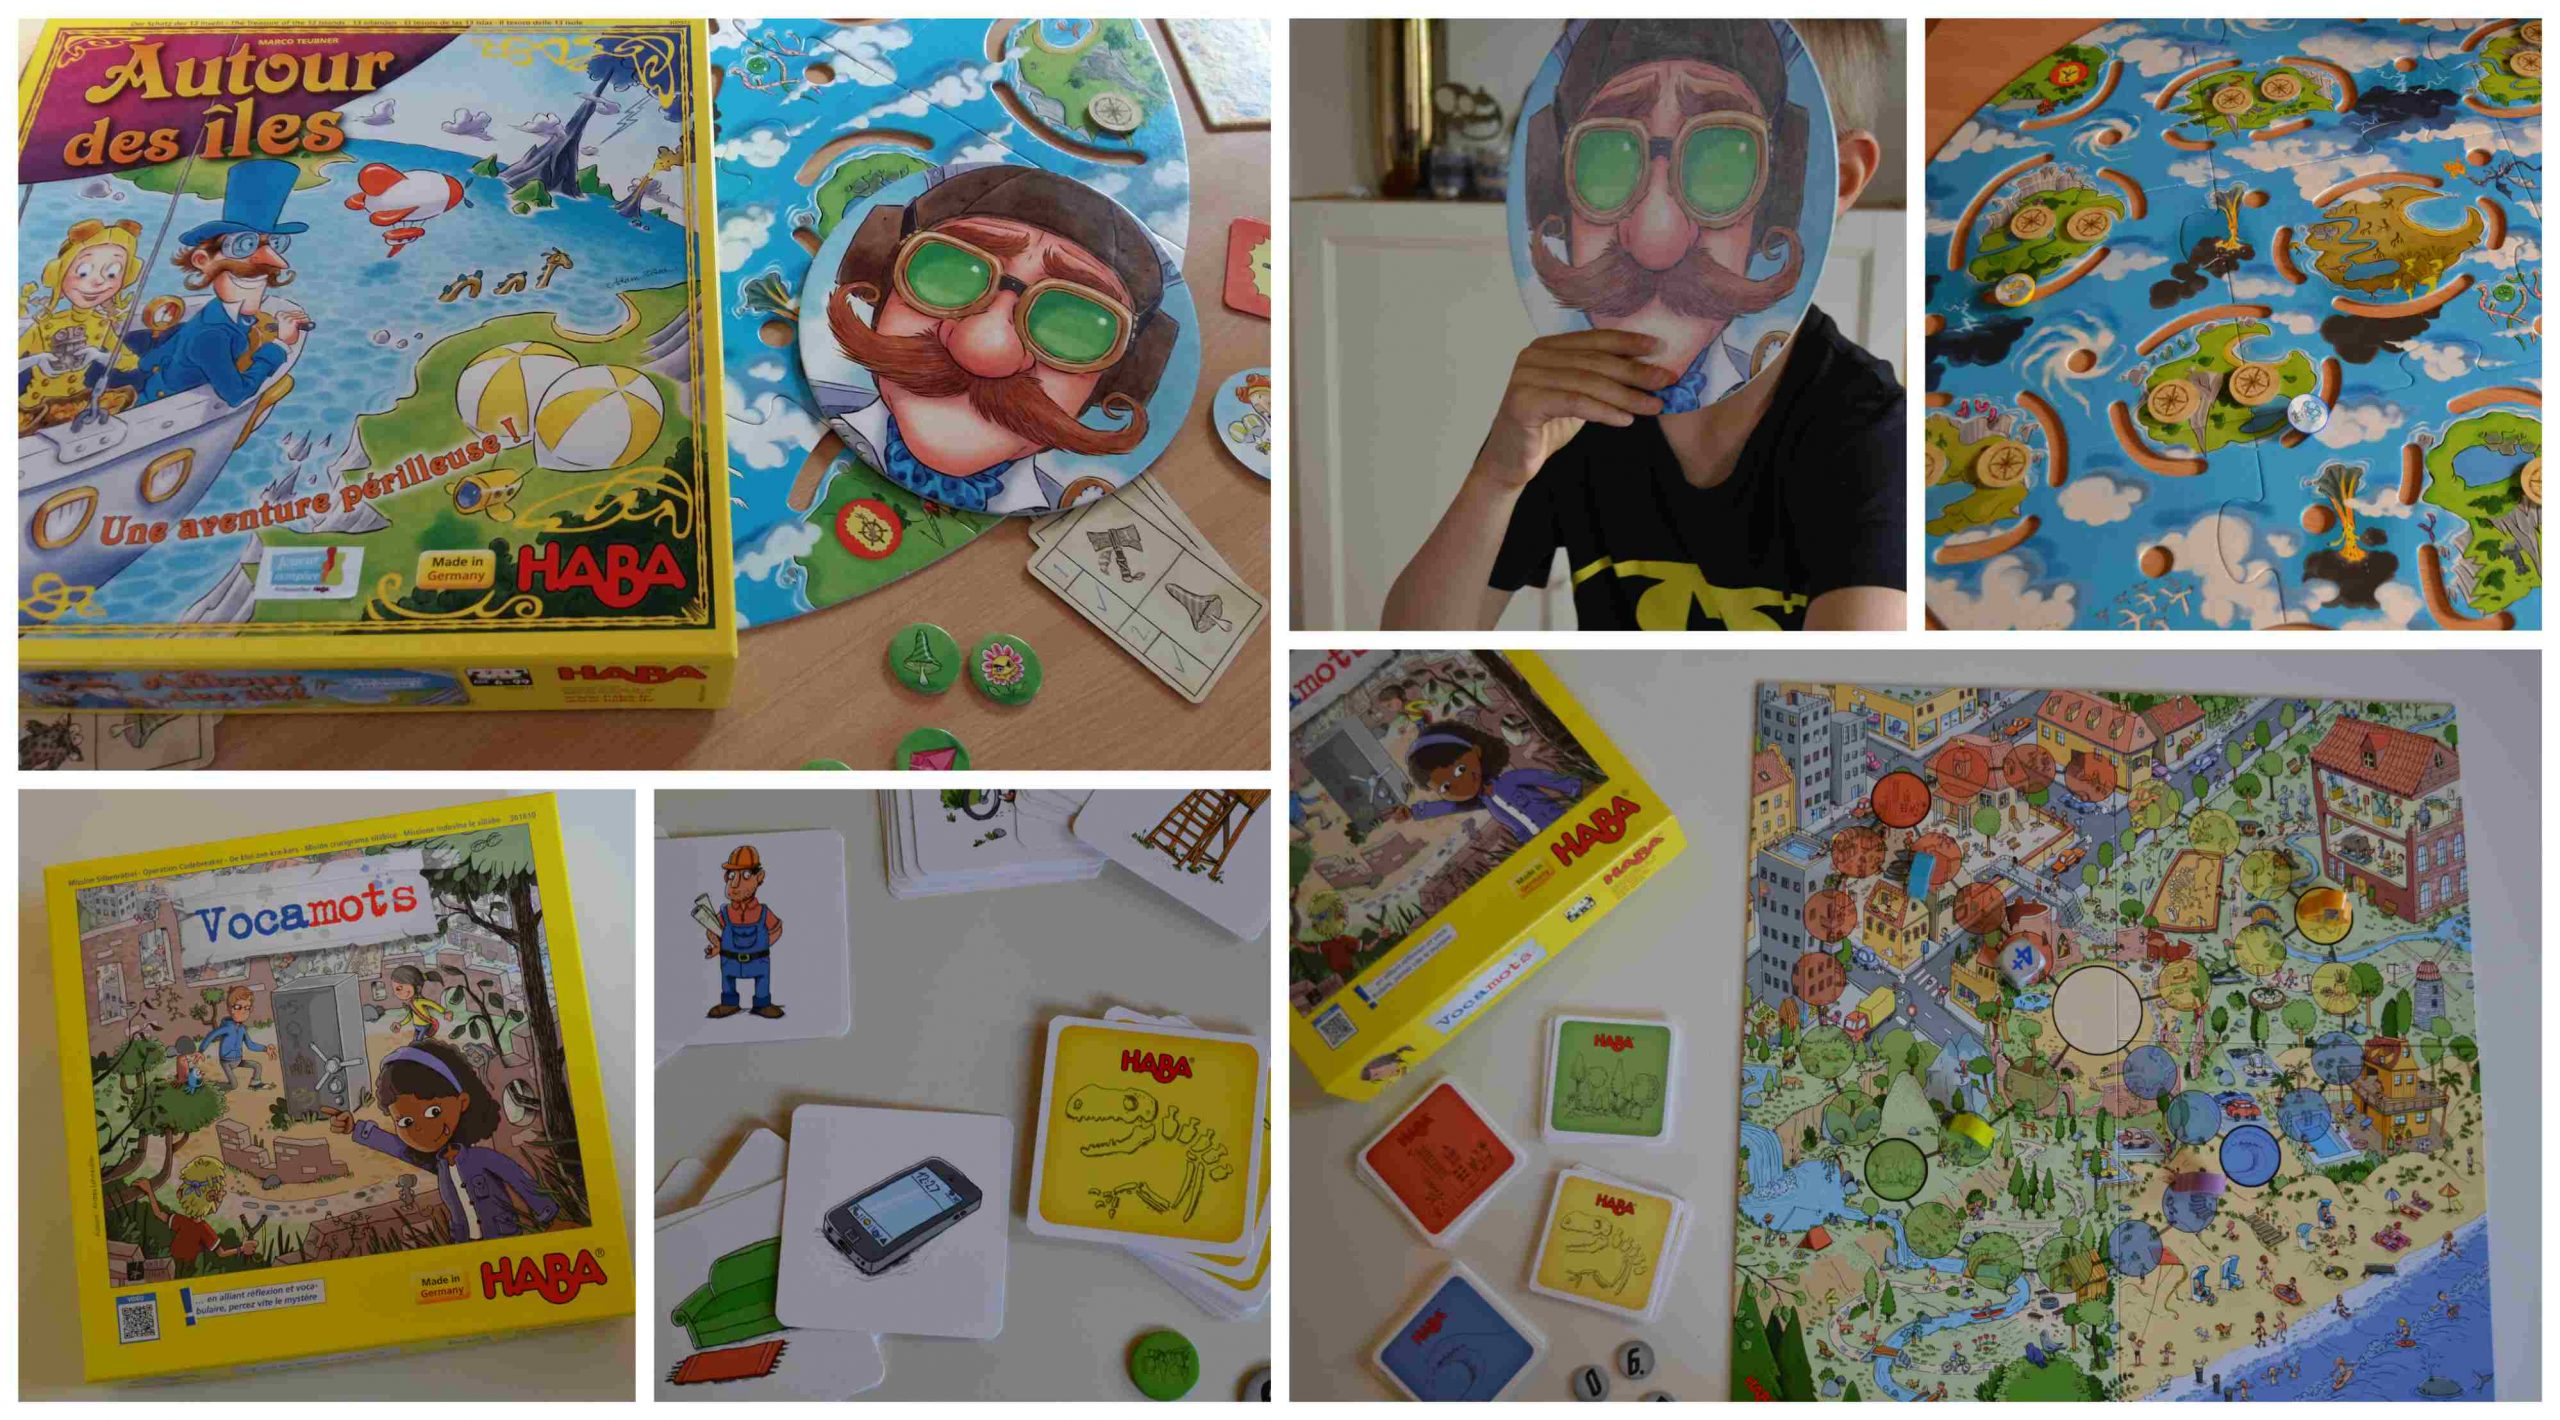 Vocamots & Autour Des Îles : Des Jeux Haba Pour Les 5-7 Ans avec Jeux Pour Garçon De 5 Ans